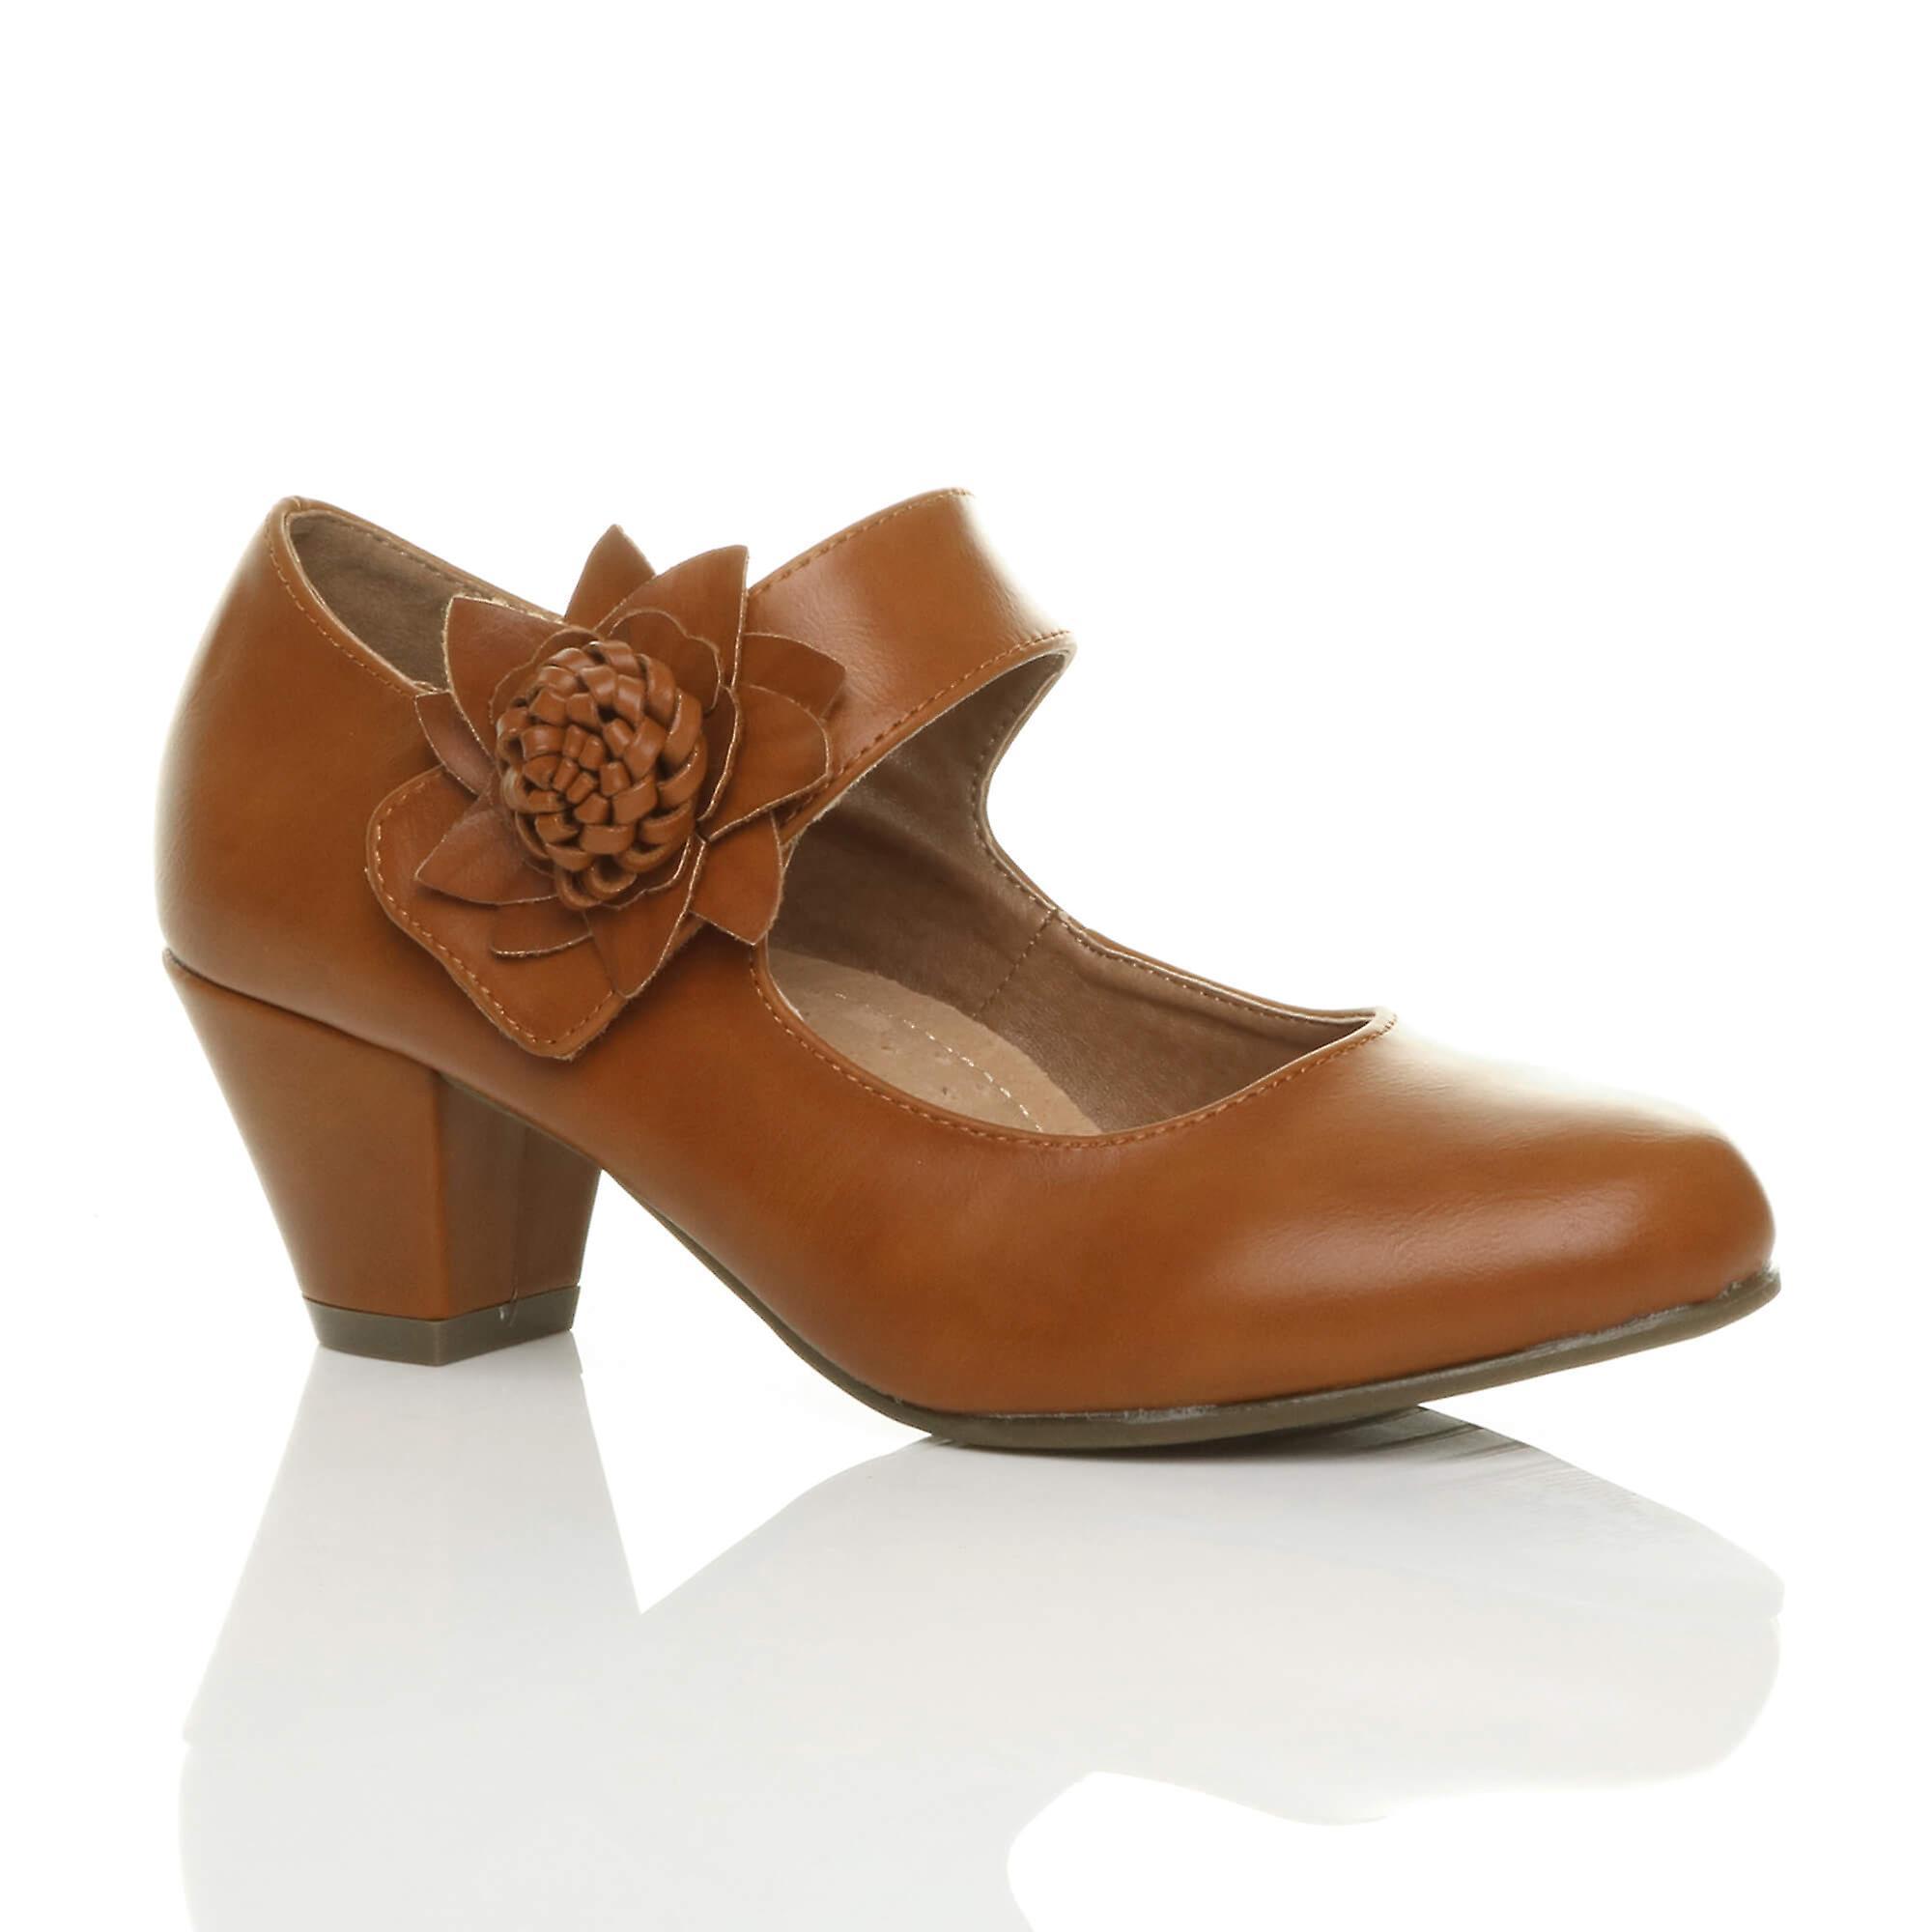 Ajvani damskie niski blok kitten pięty mary jane stylu kwiat skórzana podszewka pracy sądu buty pompy iX6lP